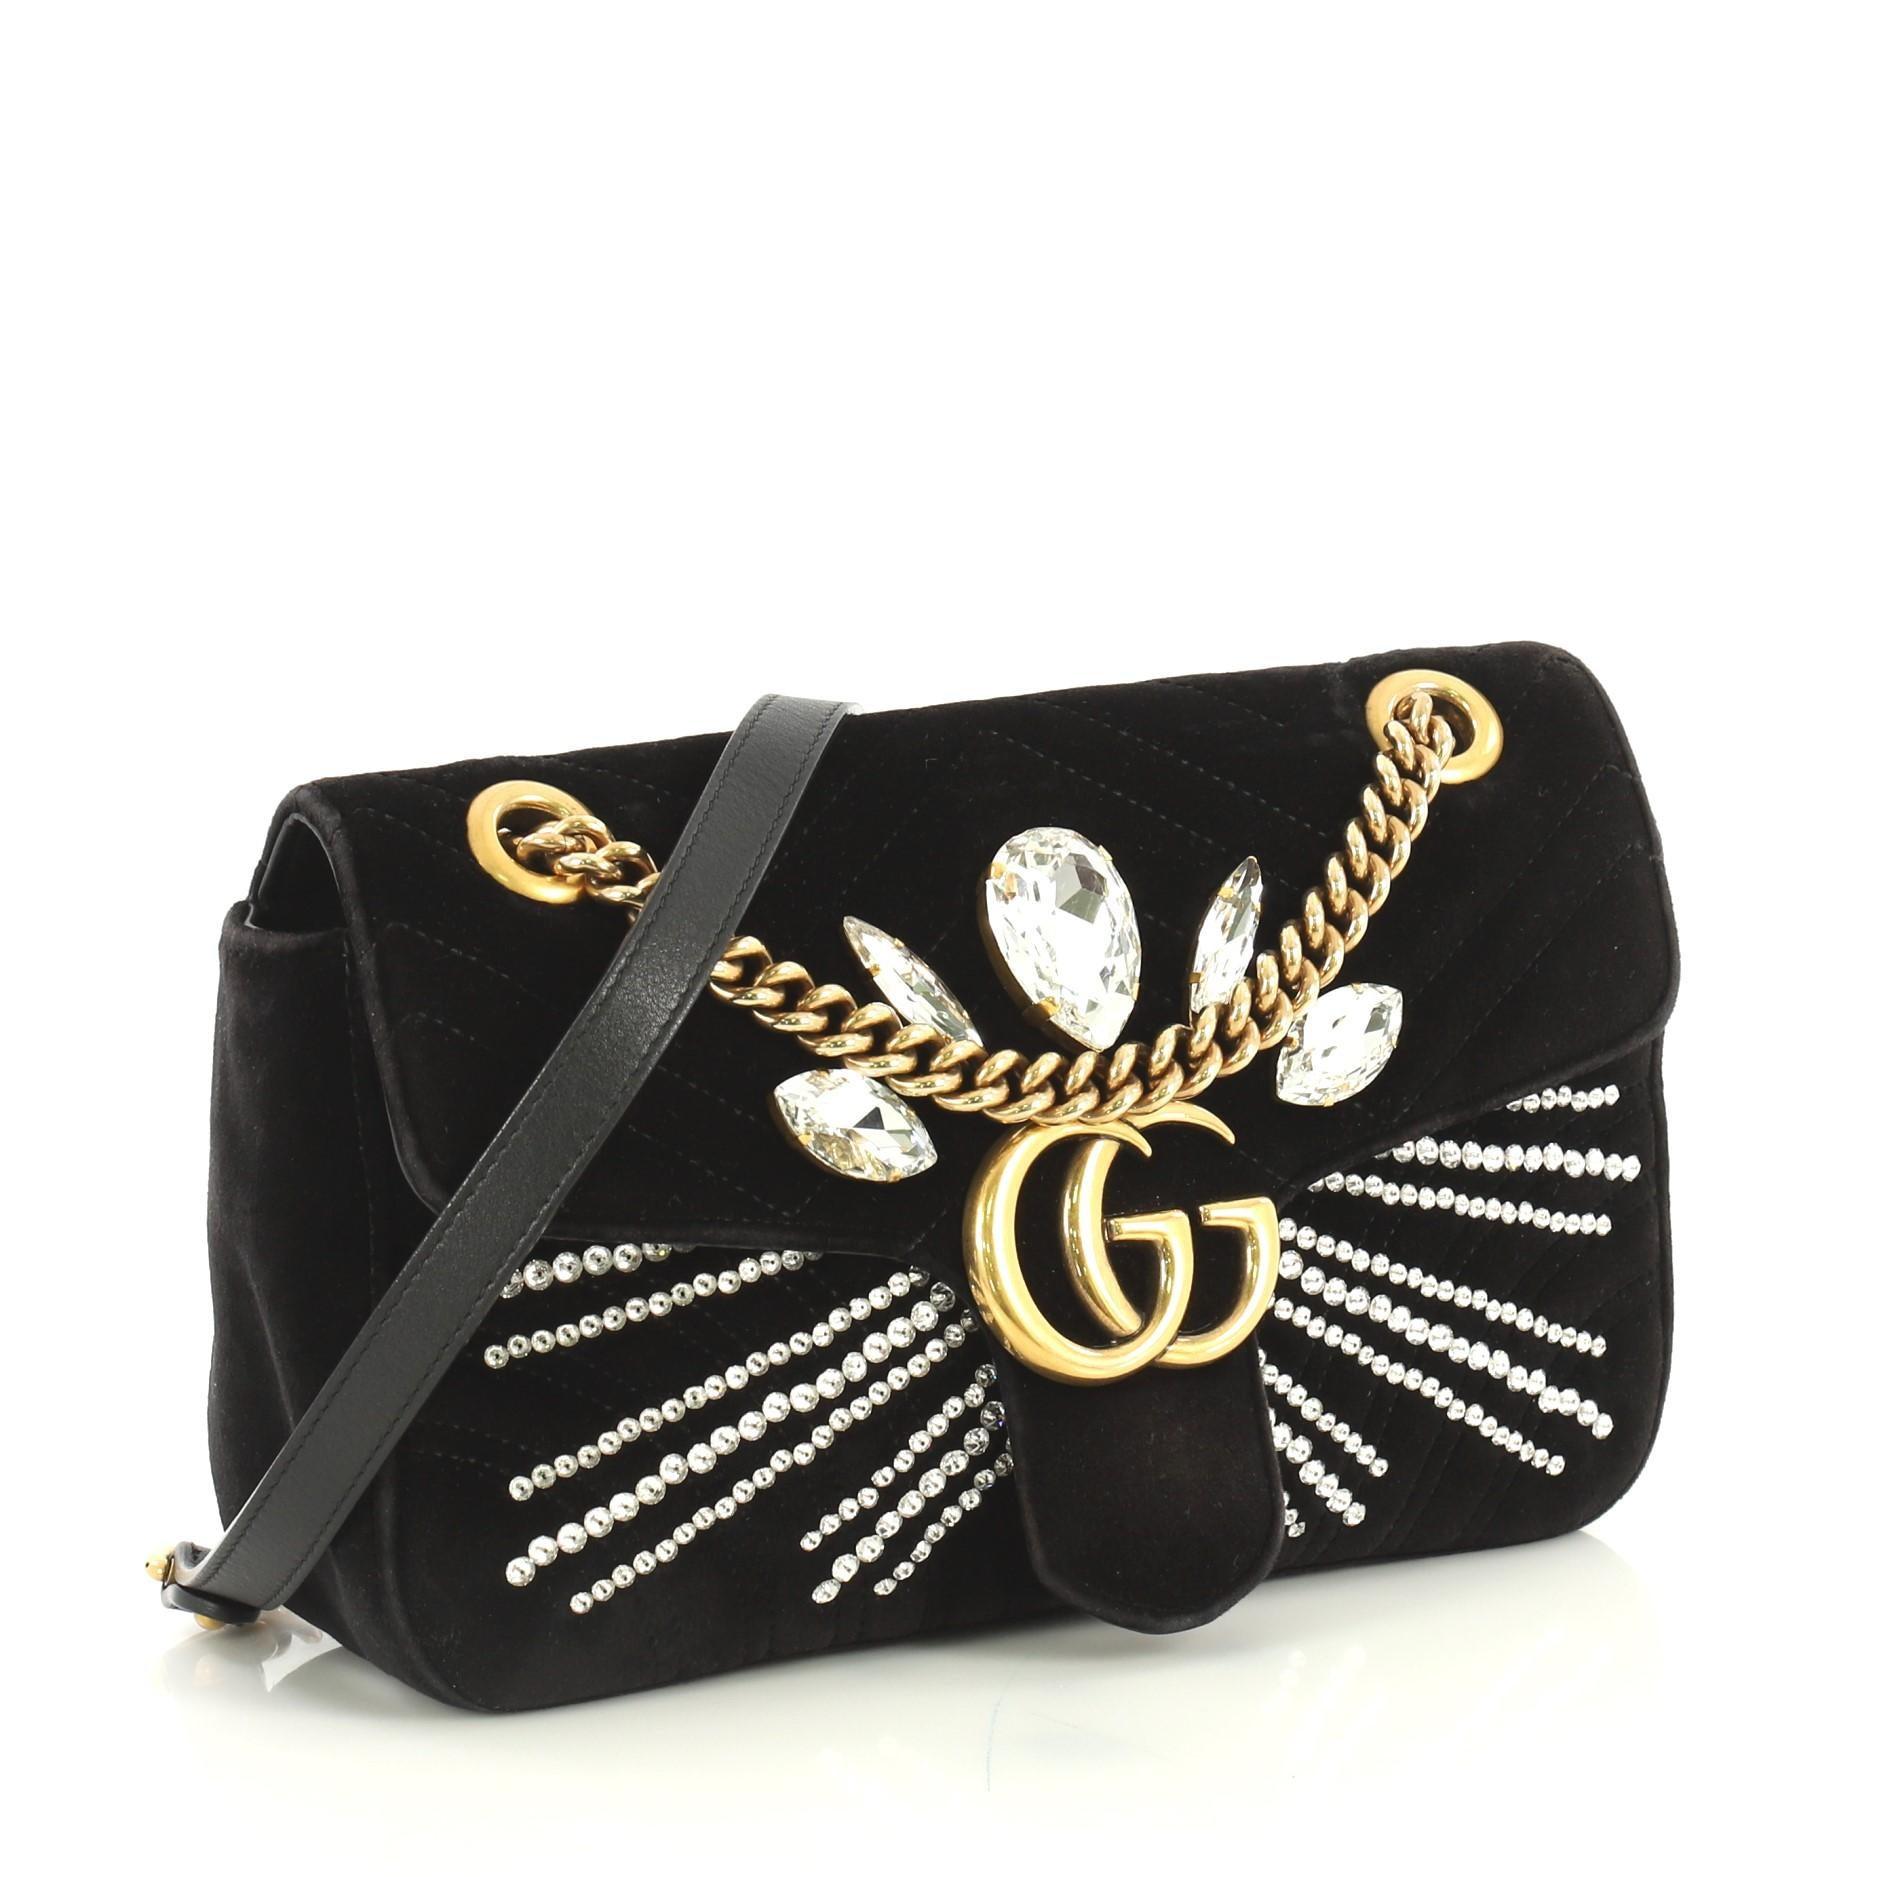 Gucci GG Marmont Shoulder Bag Crystal Embellished Matelasse Velvet Small